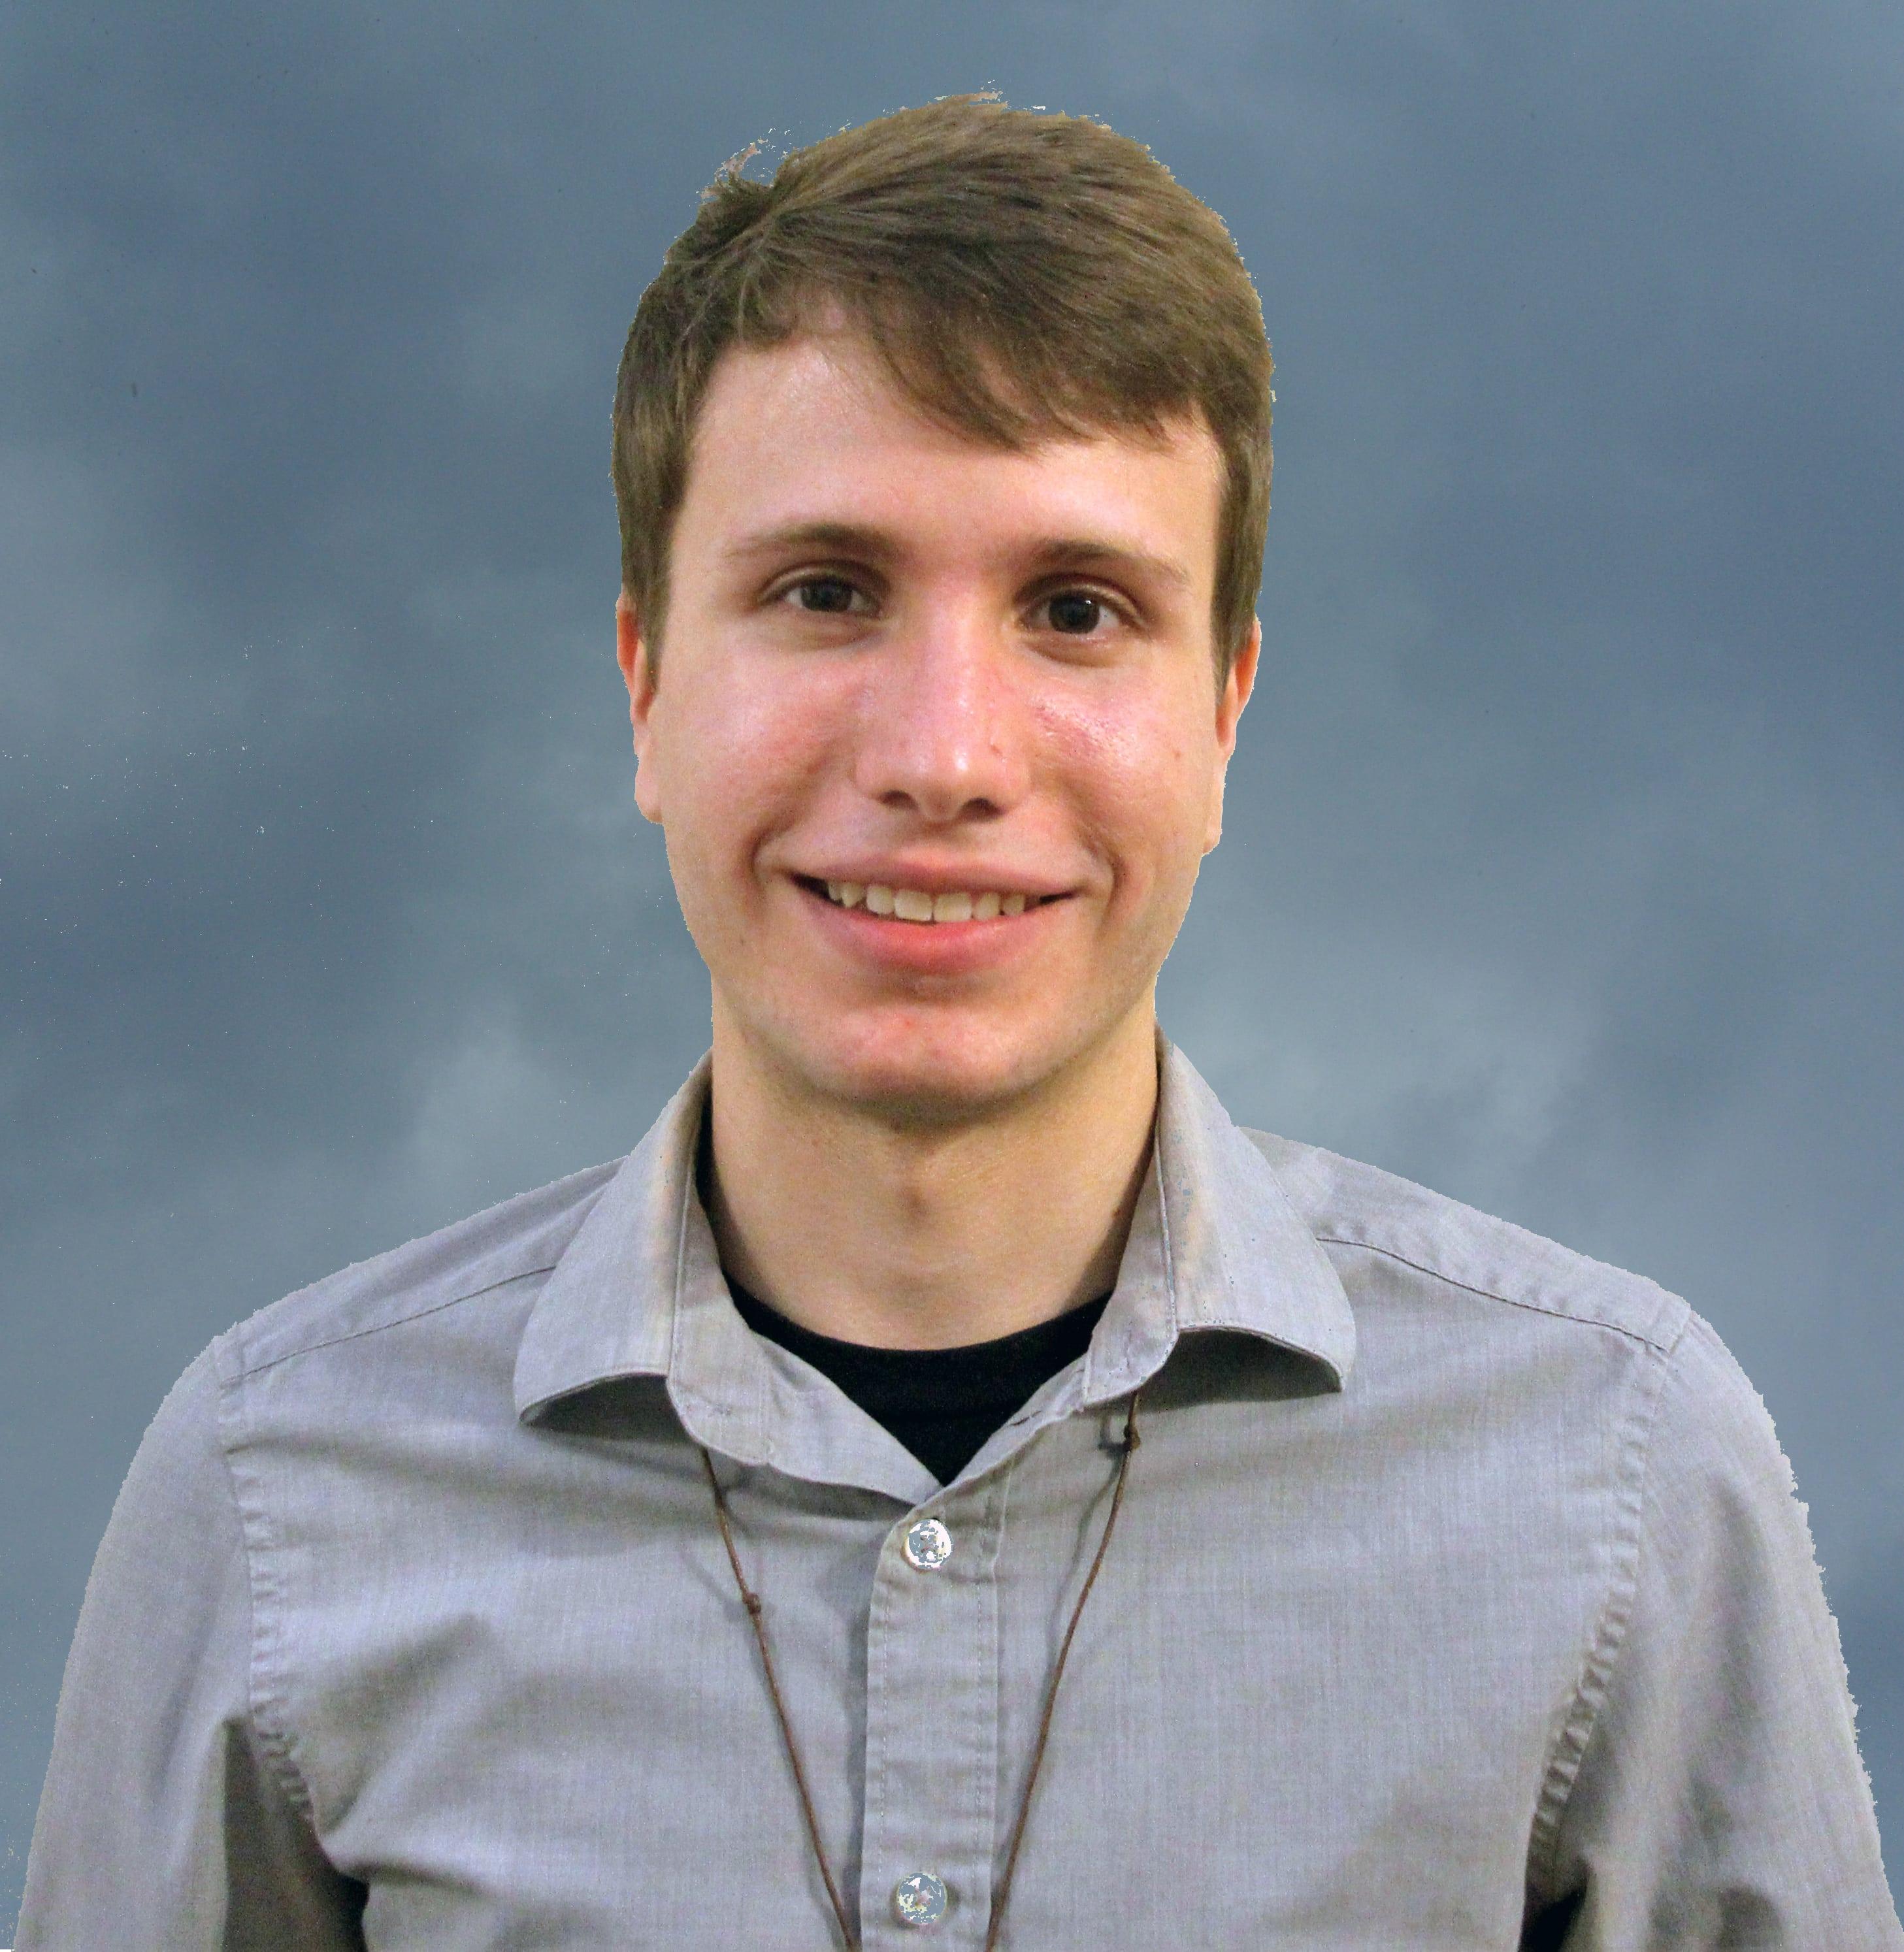 Zach Zeman